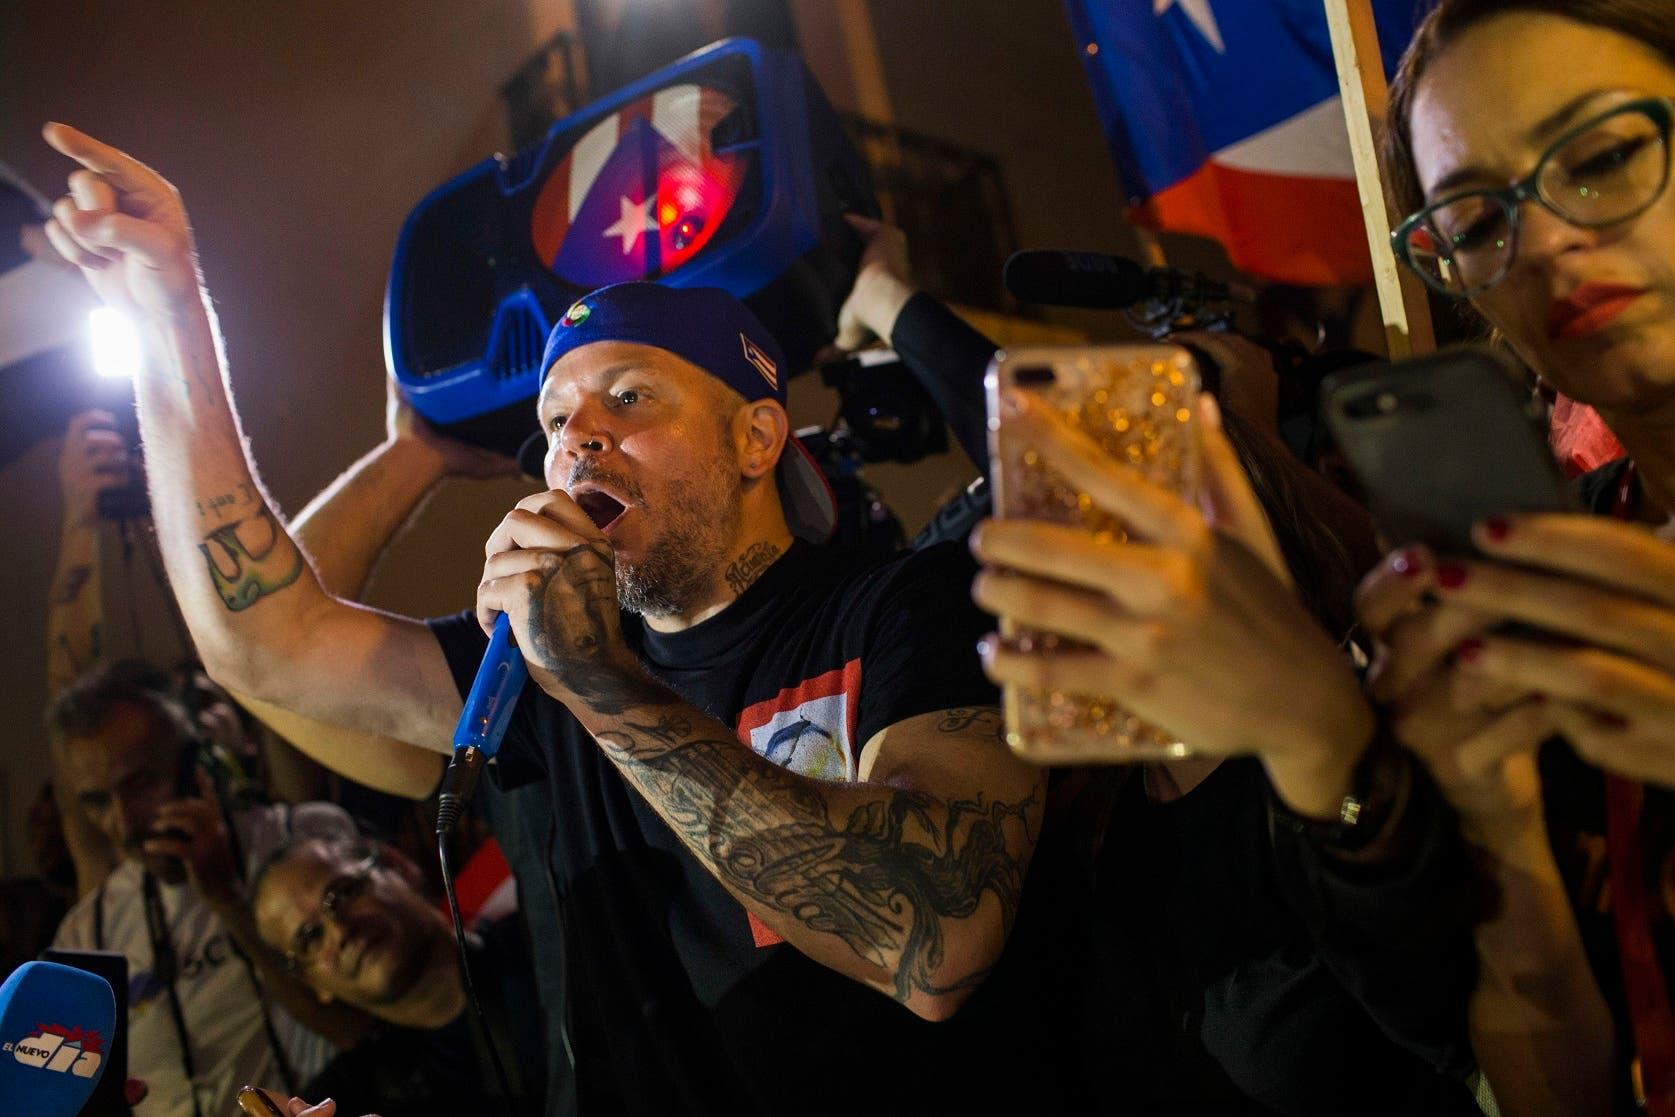 13. Artistas como Residente tuvieron un papel protagónico en las protestas contra Rosselló.